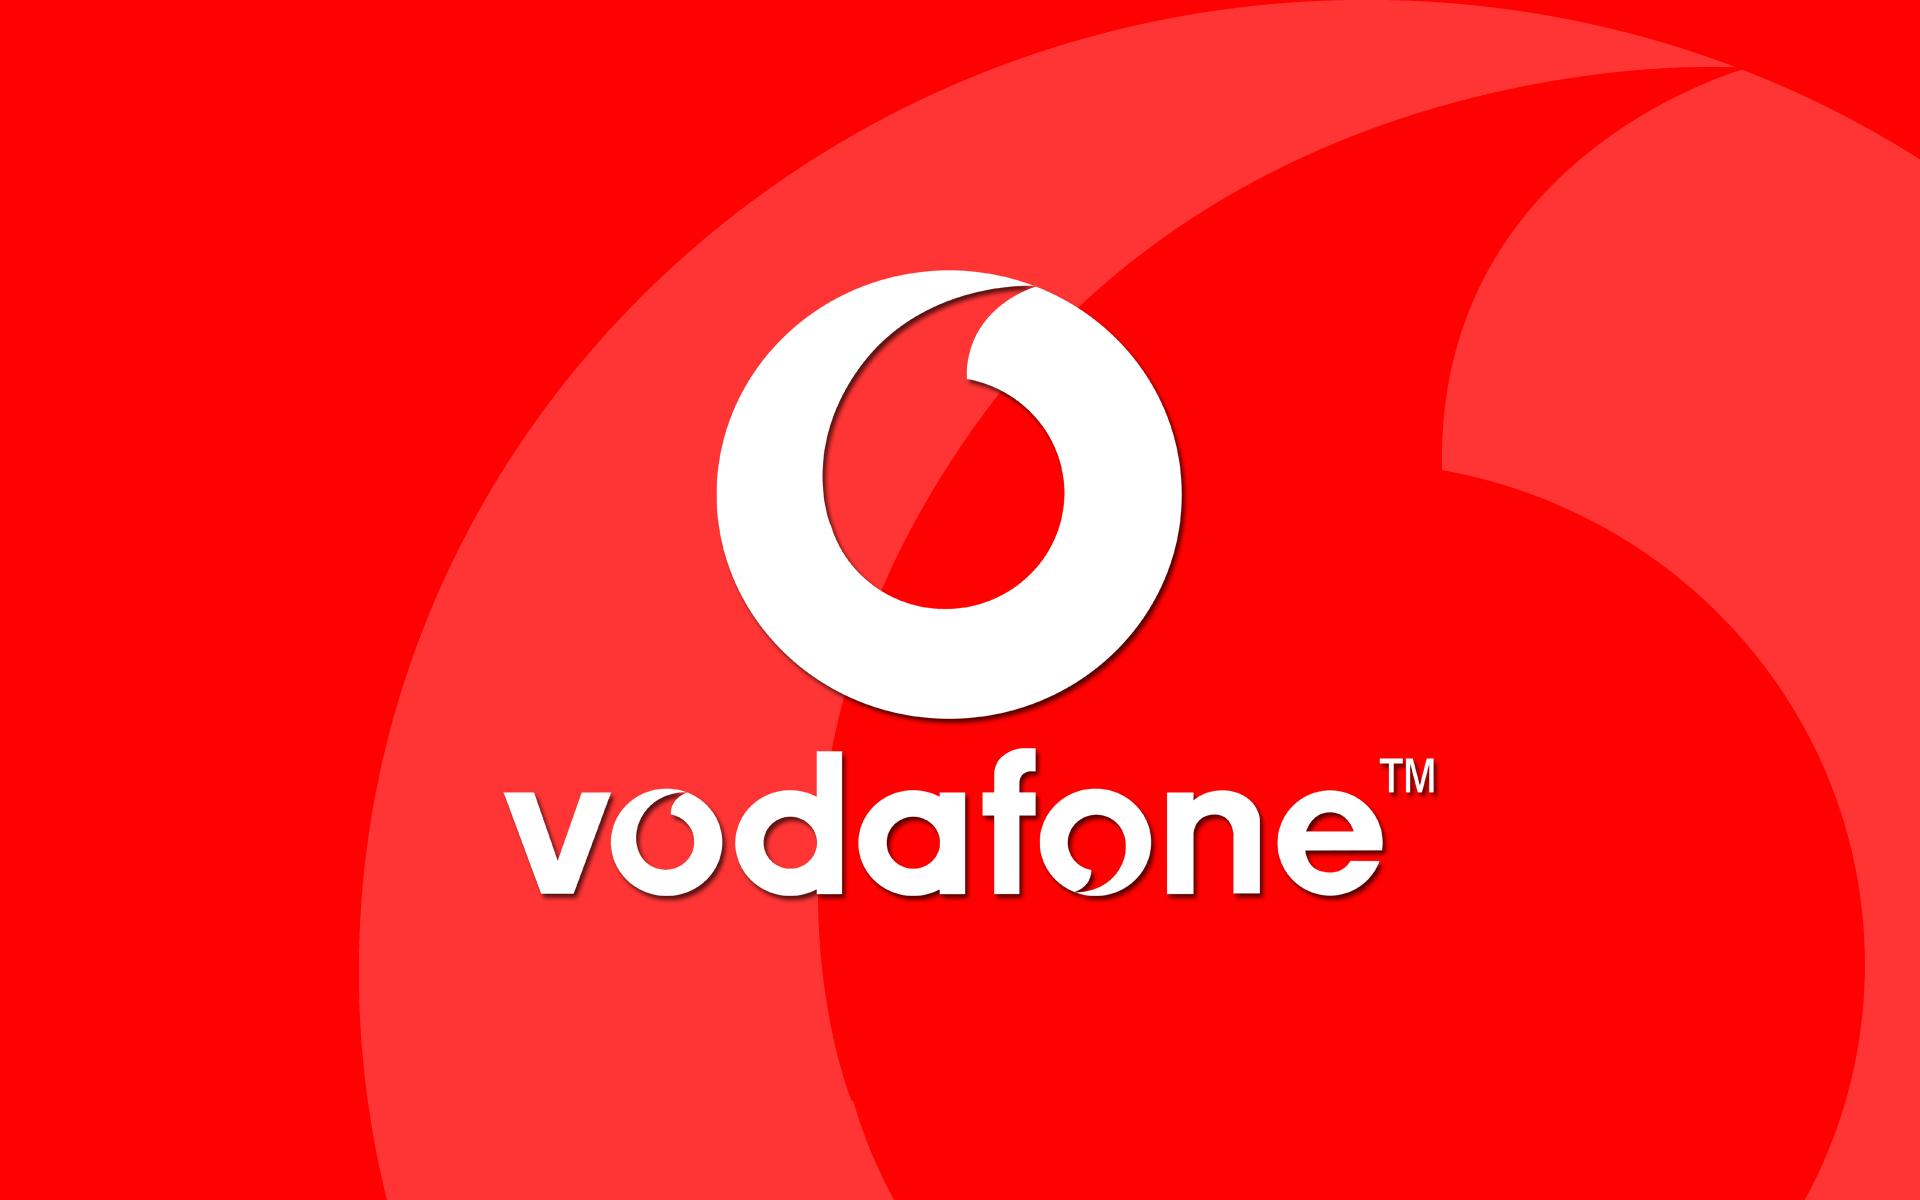 logo vodafoneVodafone Logo